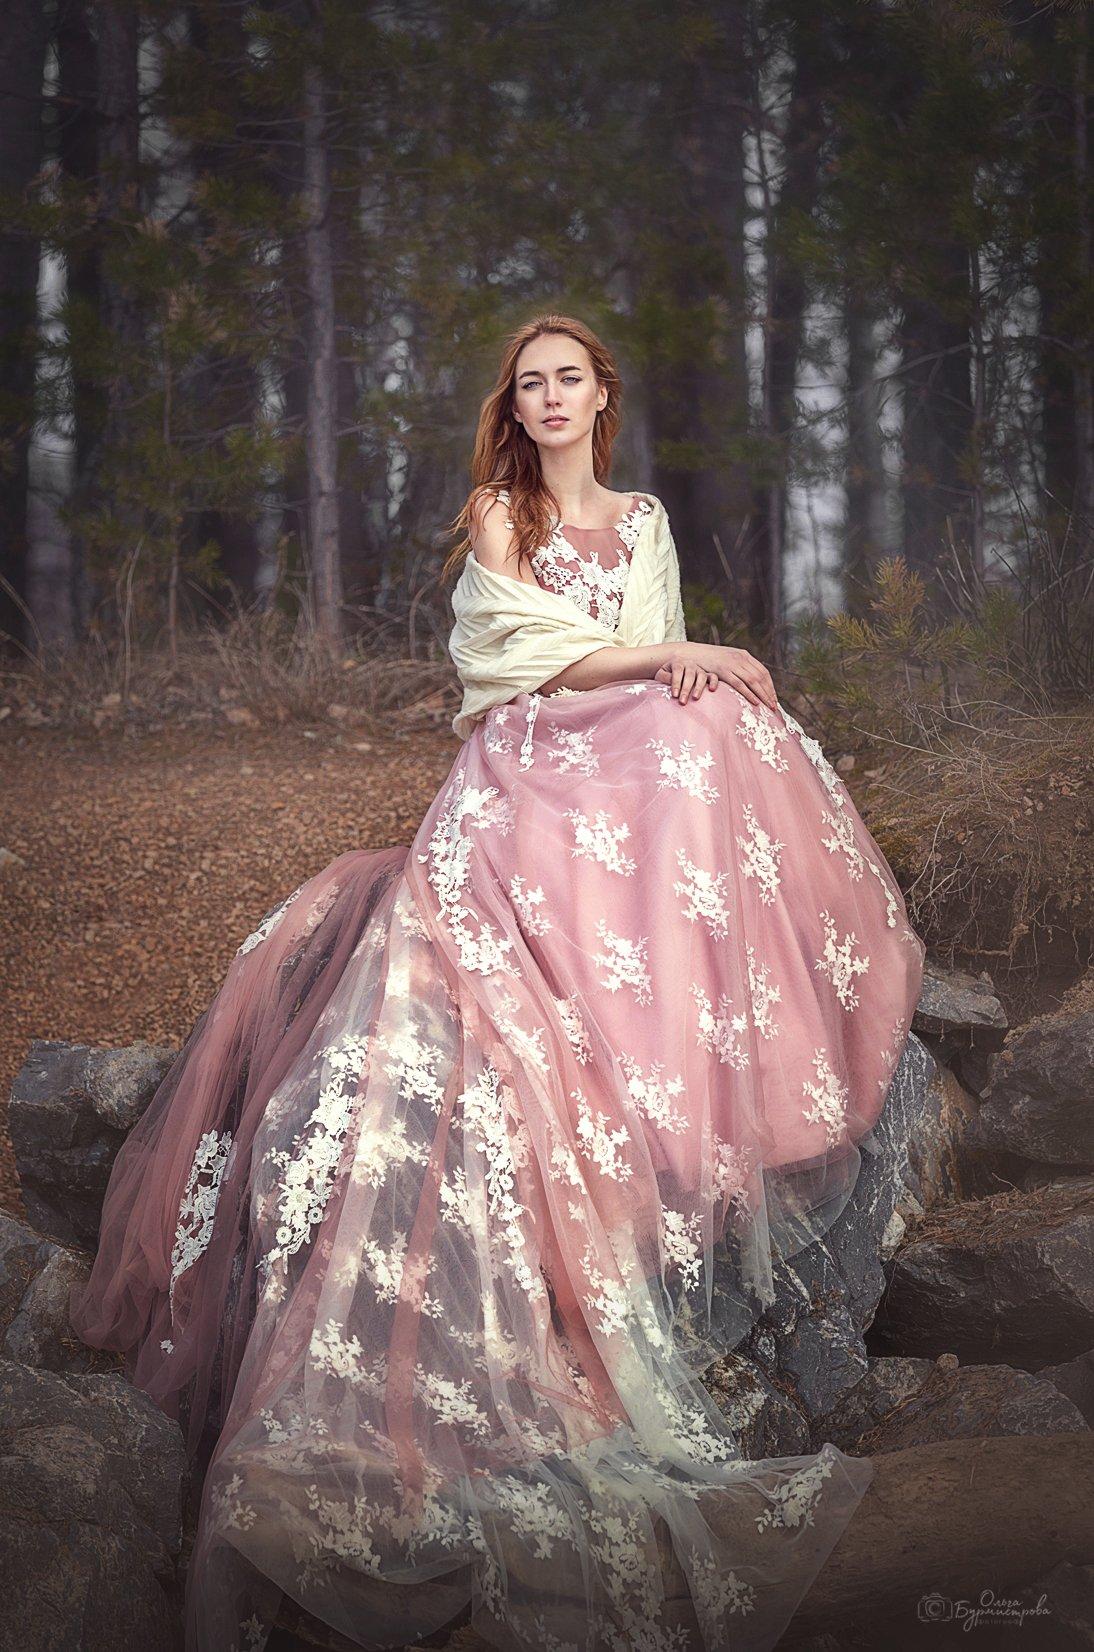 красивое платье, розовое платье, красивая девушка, на берегу, каменный берег, Ольга Бурмистрова